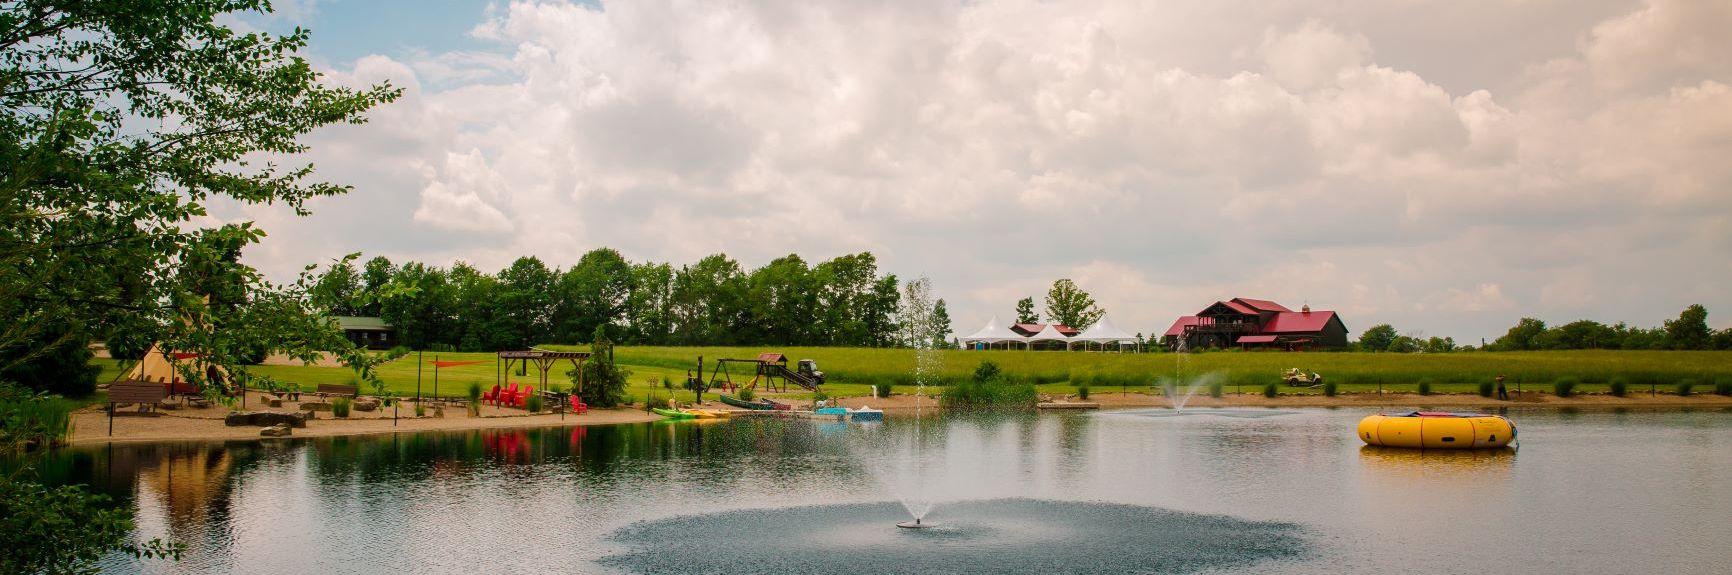 Frazeysburg, OH, USA